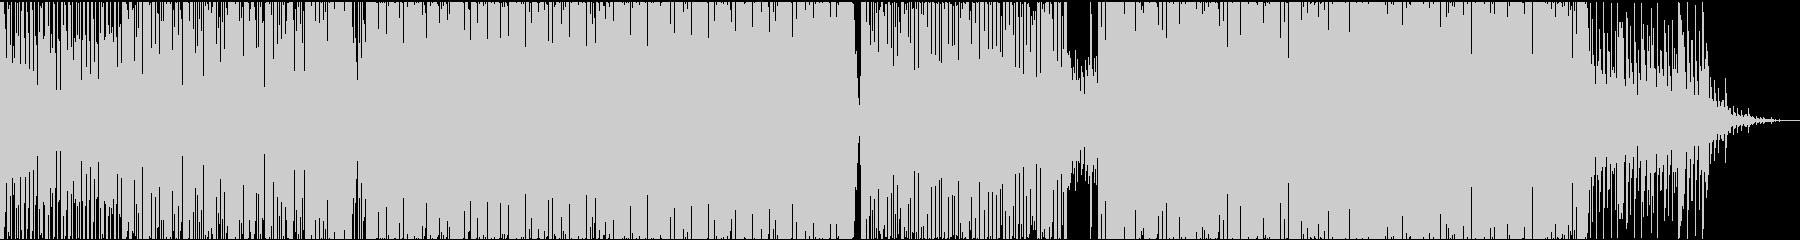 トロピカルハウス風味のパーティーEDMの未再生の波形